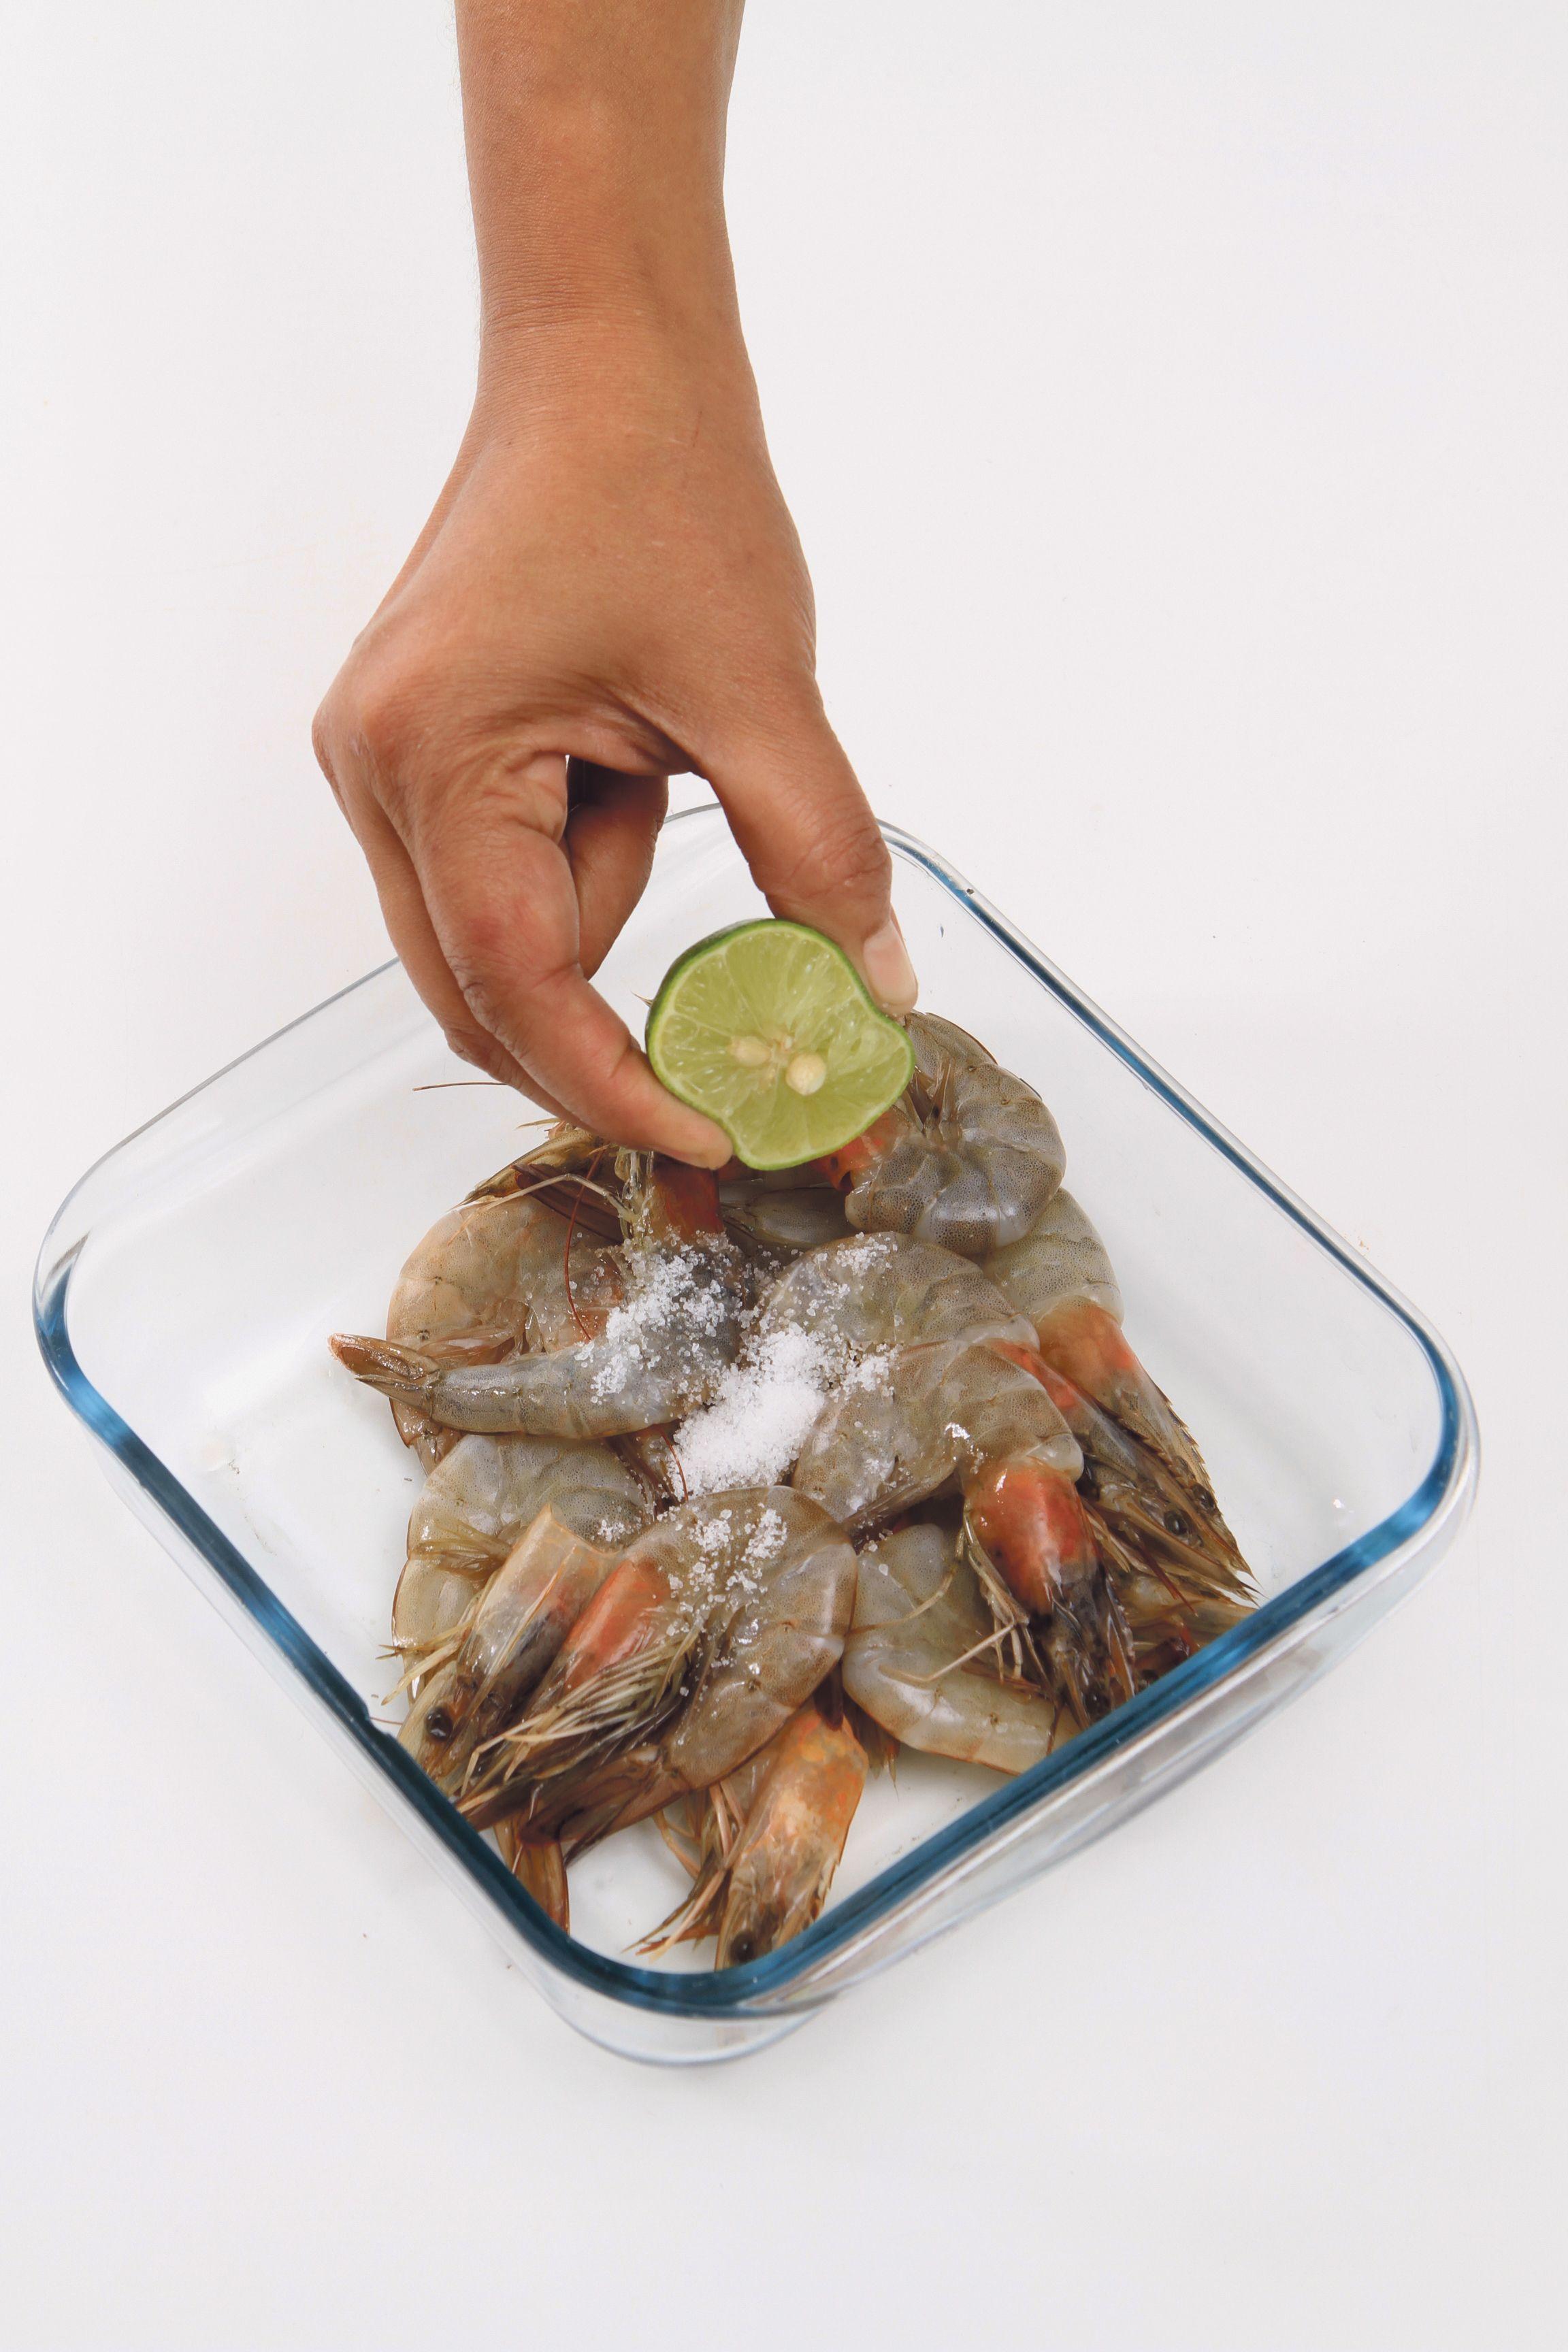 Untuk Menghilangkan Bau Amis Pada Seafood Bersihkan Dari Kotorannya